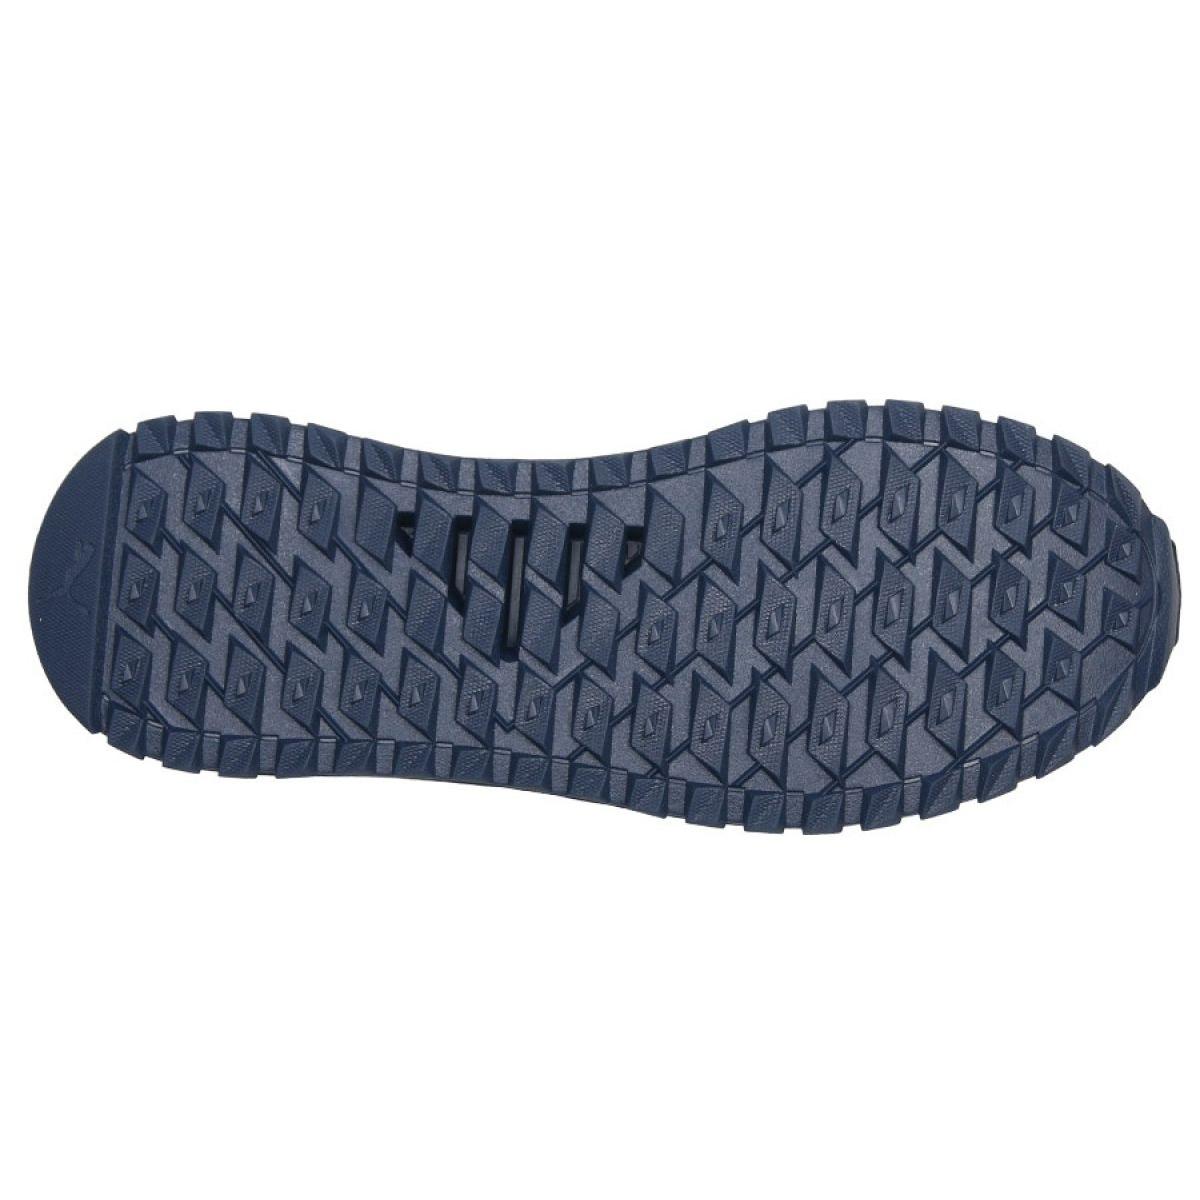 Details about Shoes Puma Pacer Next SB WTR M 366936 06 Navy show original title